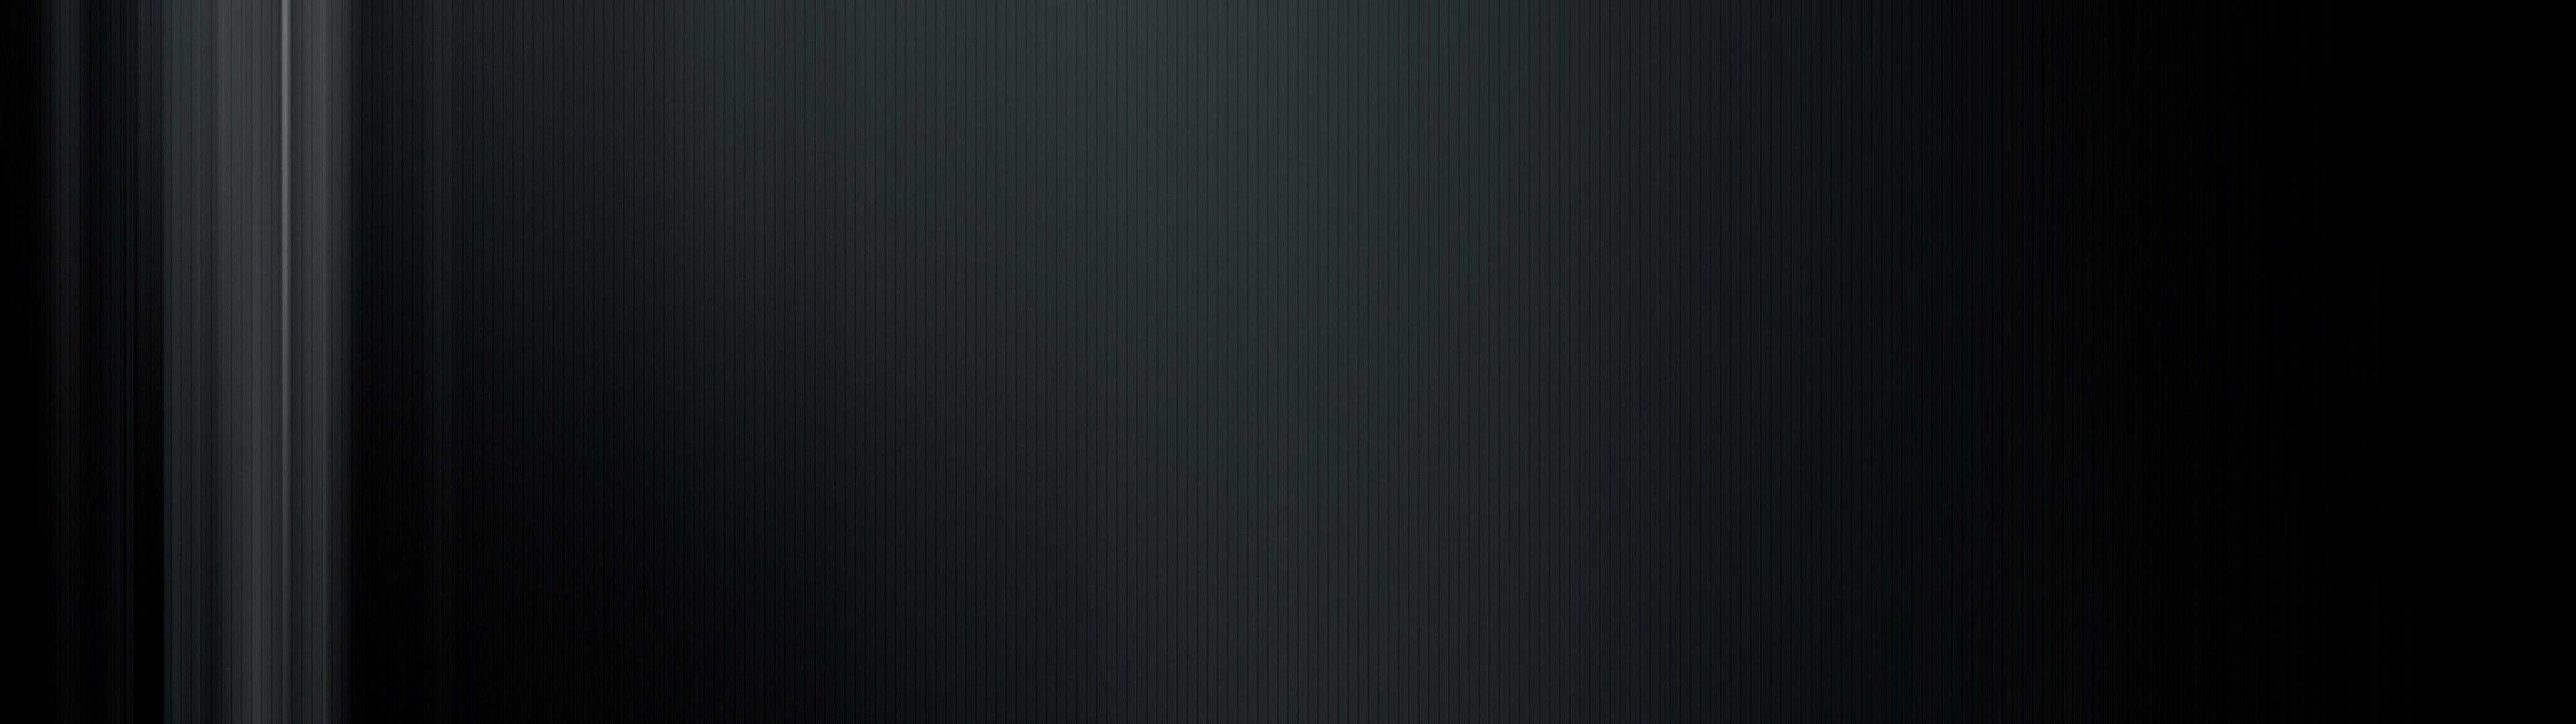 dual screen wallpaper 3840x1080 wallpapersafari